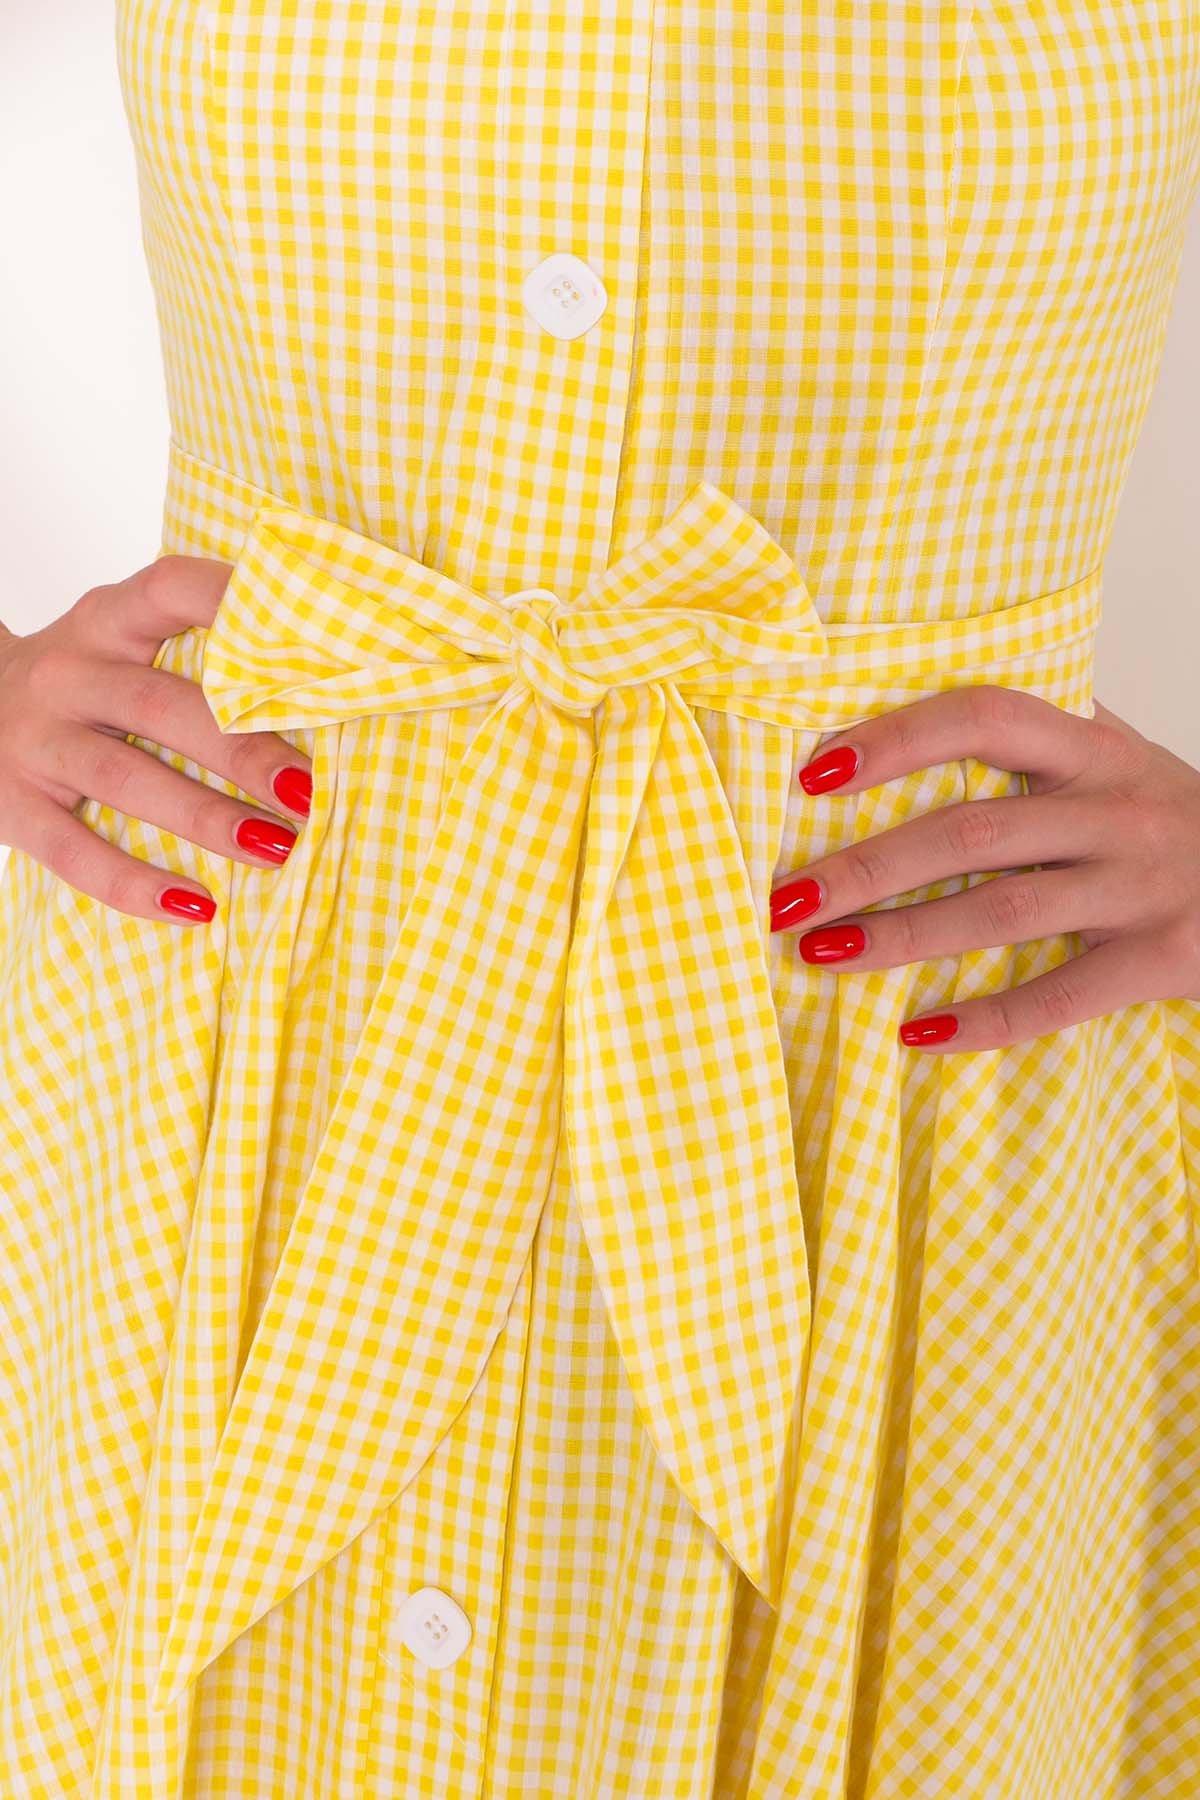 Платье Джонни 7584 АРТ. 43527 Цвет: Клетка мел жел/бел - фото 4, интернет магазин tm-modus.ru